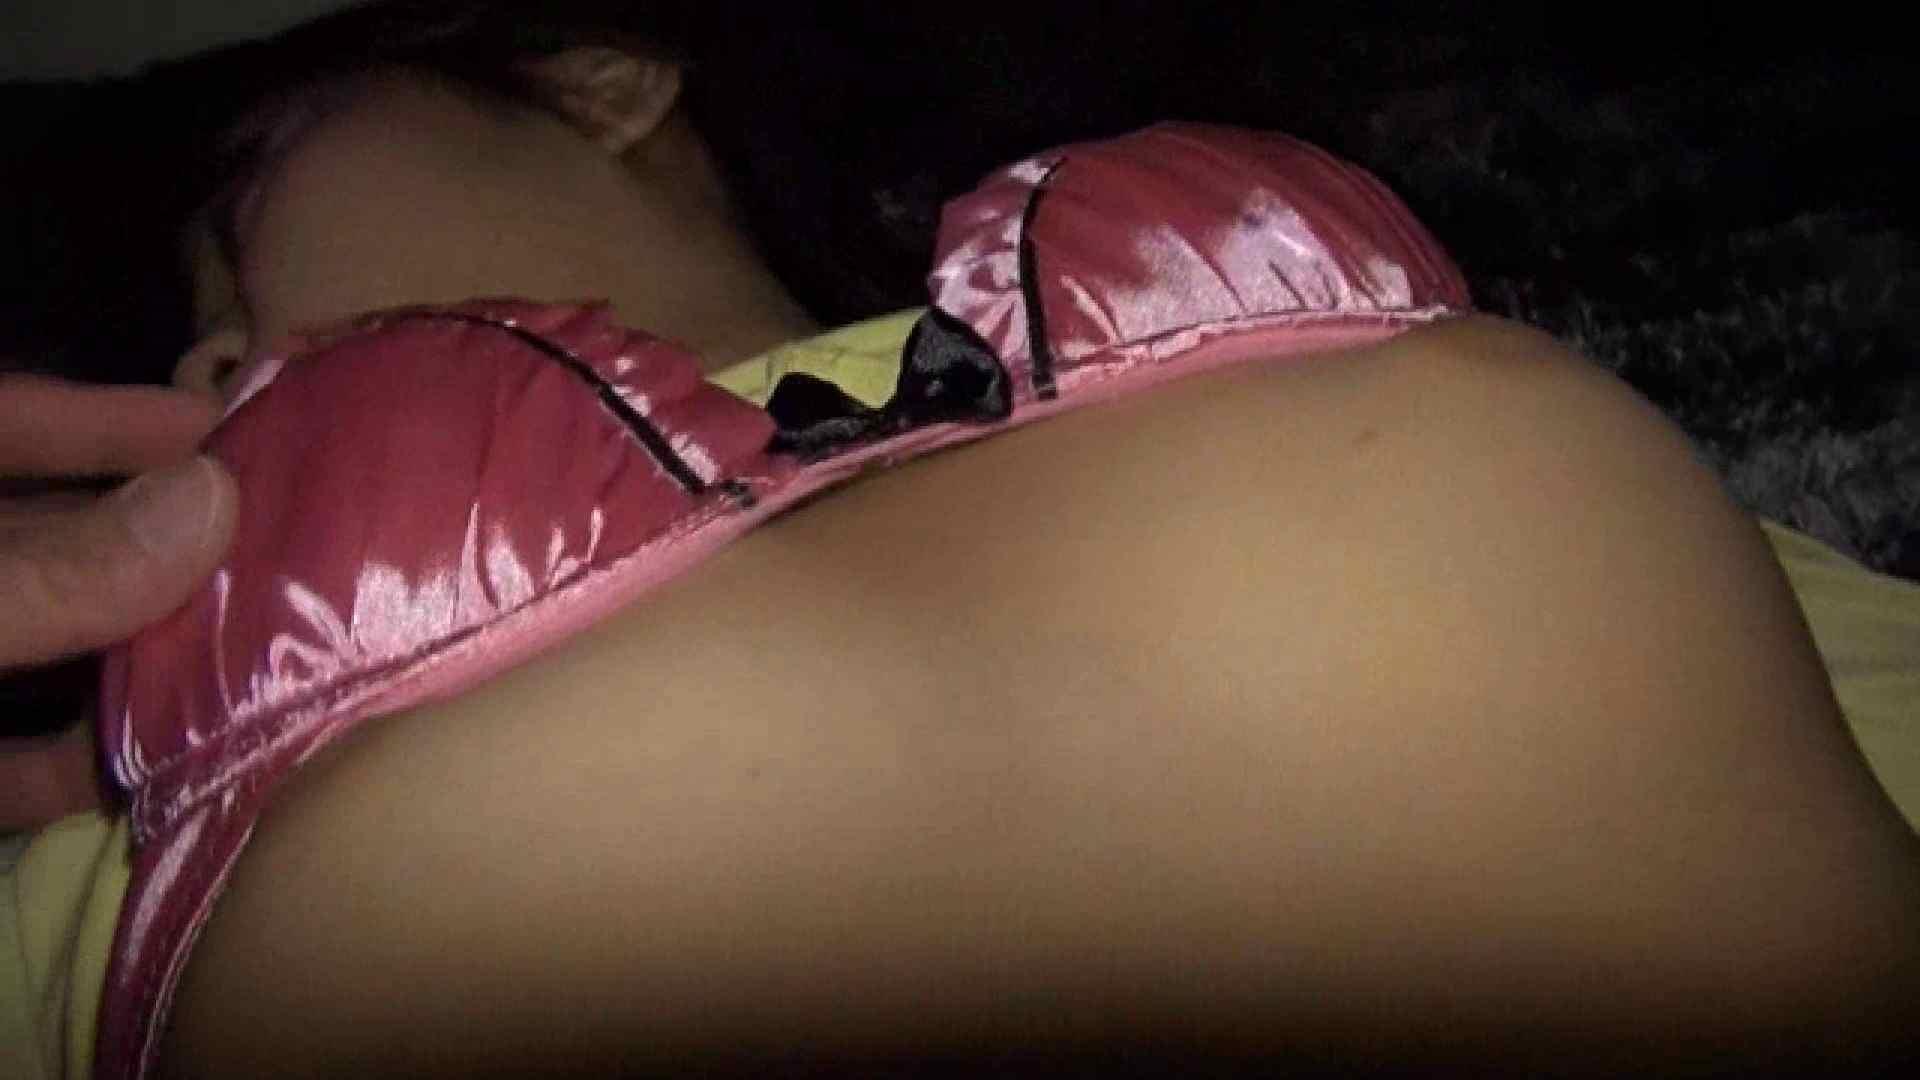 ギャルエロ娘の反乱 Vol.04 フェラ セックス画像 79pic 16